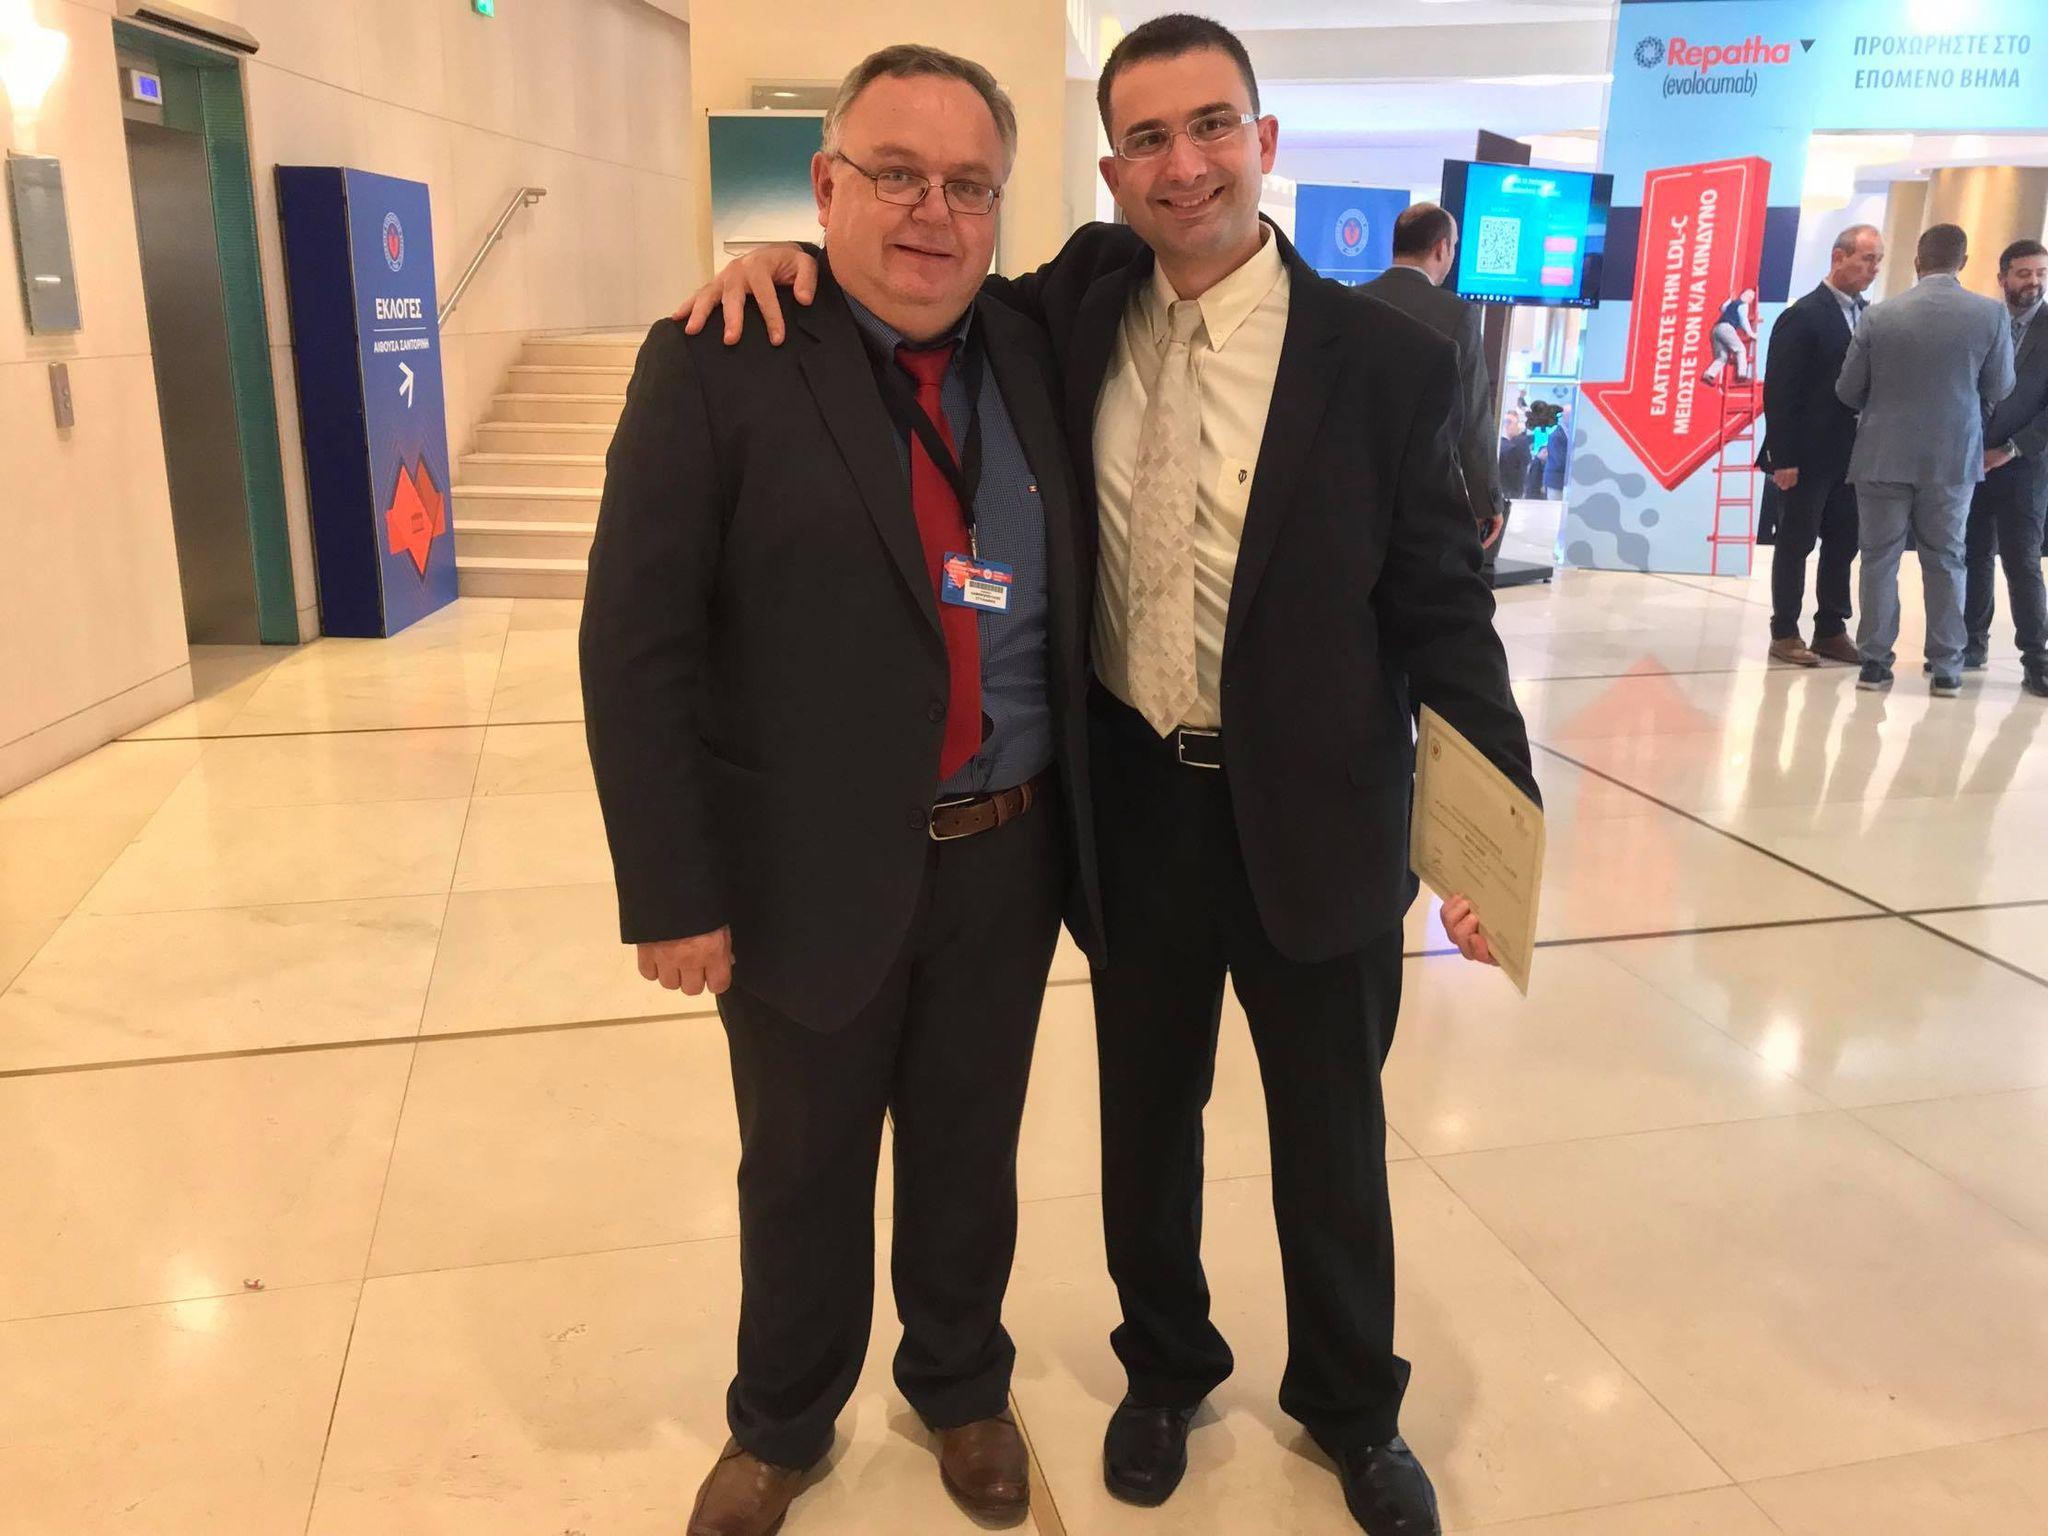 kozan.gr: Υποτροφία, από την Ελληνική Καρδιολογική Εταιρεία, στον καρδιολόγο του Μαμάτσειου νοσοκομείου Κοζάνης, Σταμάτη Σοφούλη